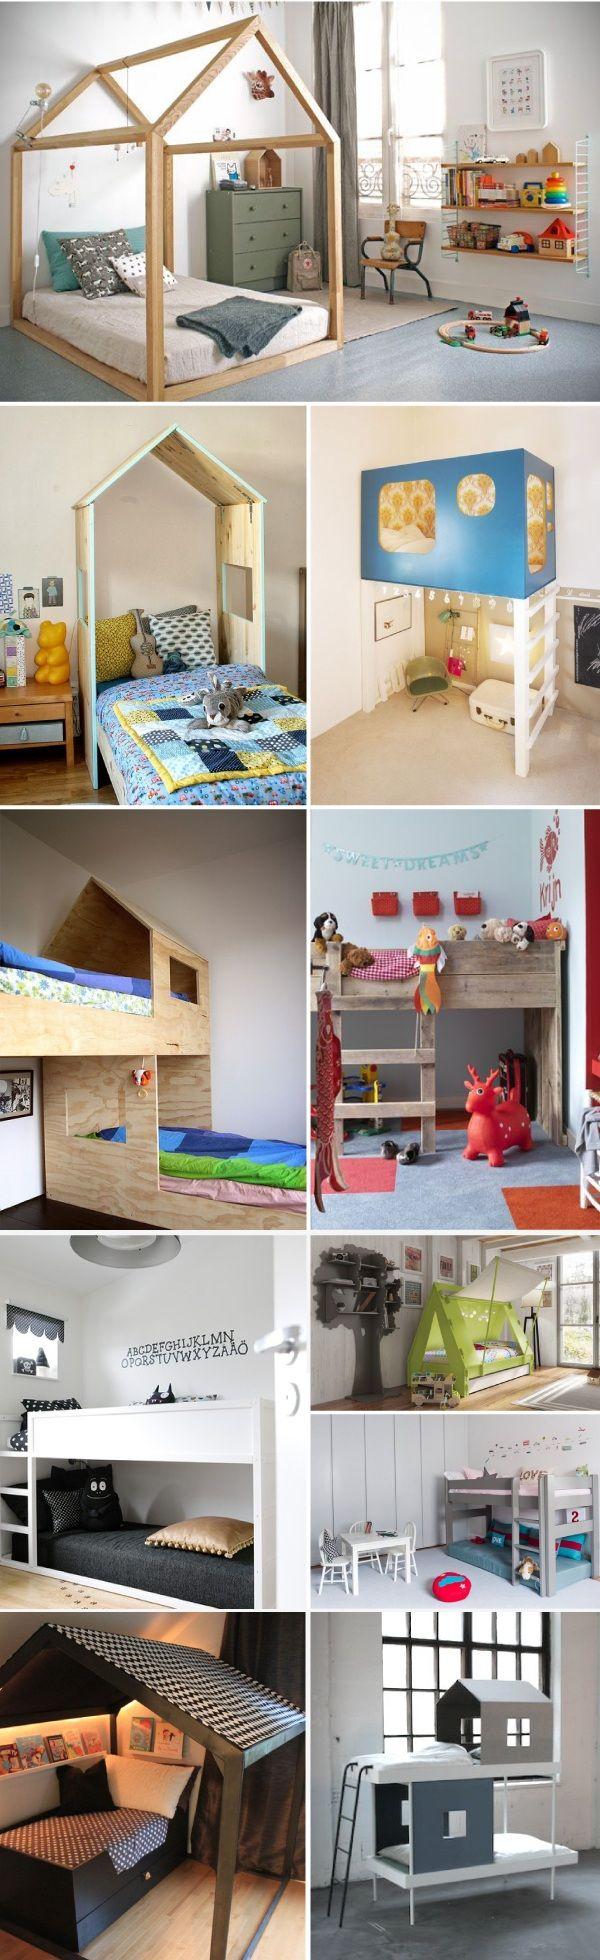 quarto de criança3